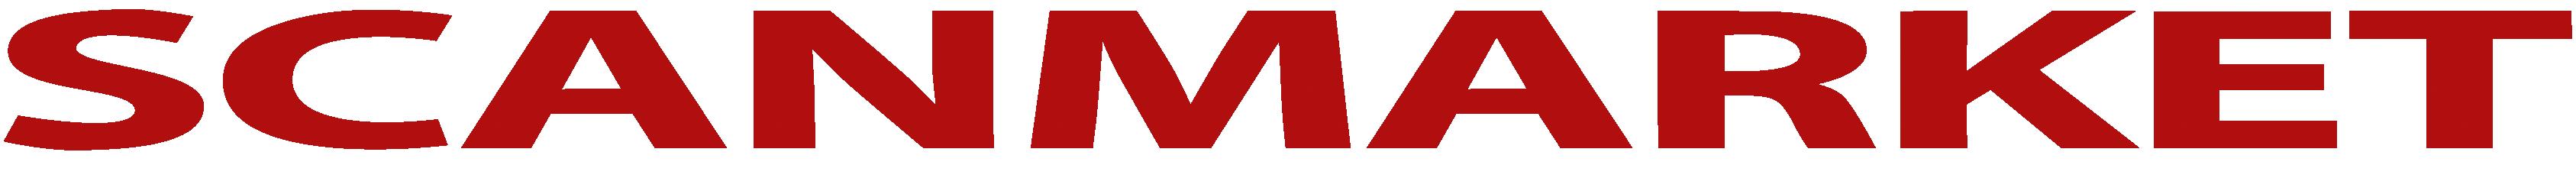 Scanmarket_Logo_RGB_highRes-1